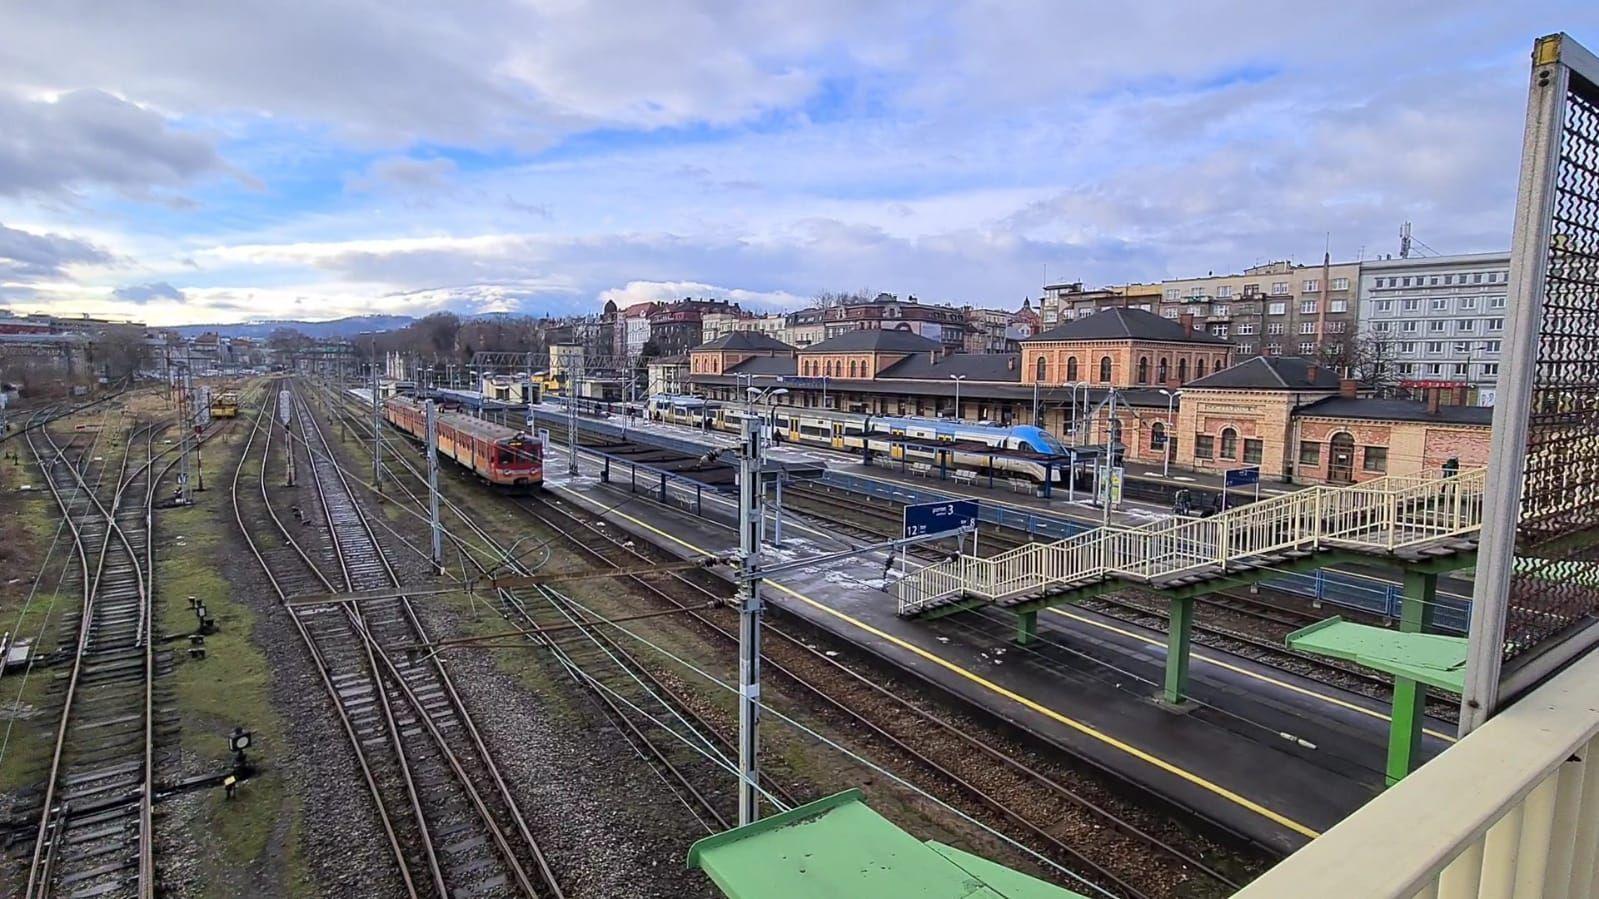 Łącznica skróci czas podróży koleją do Krakowa